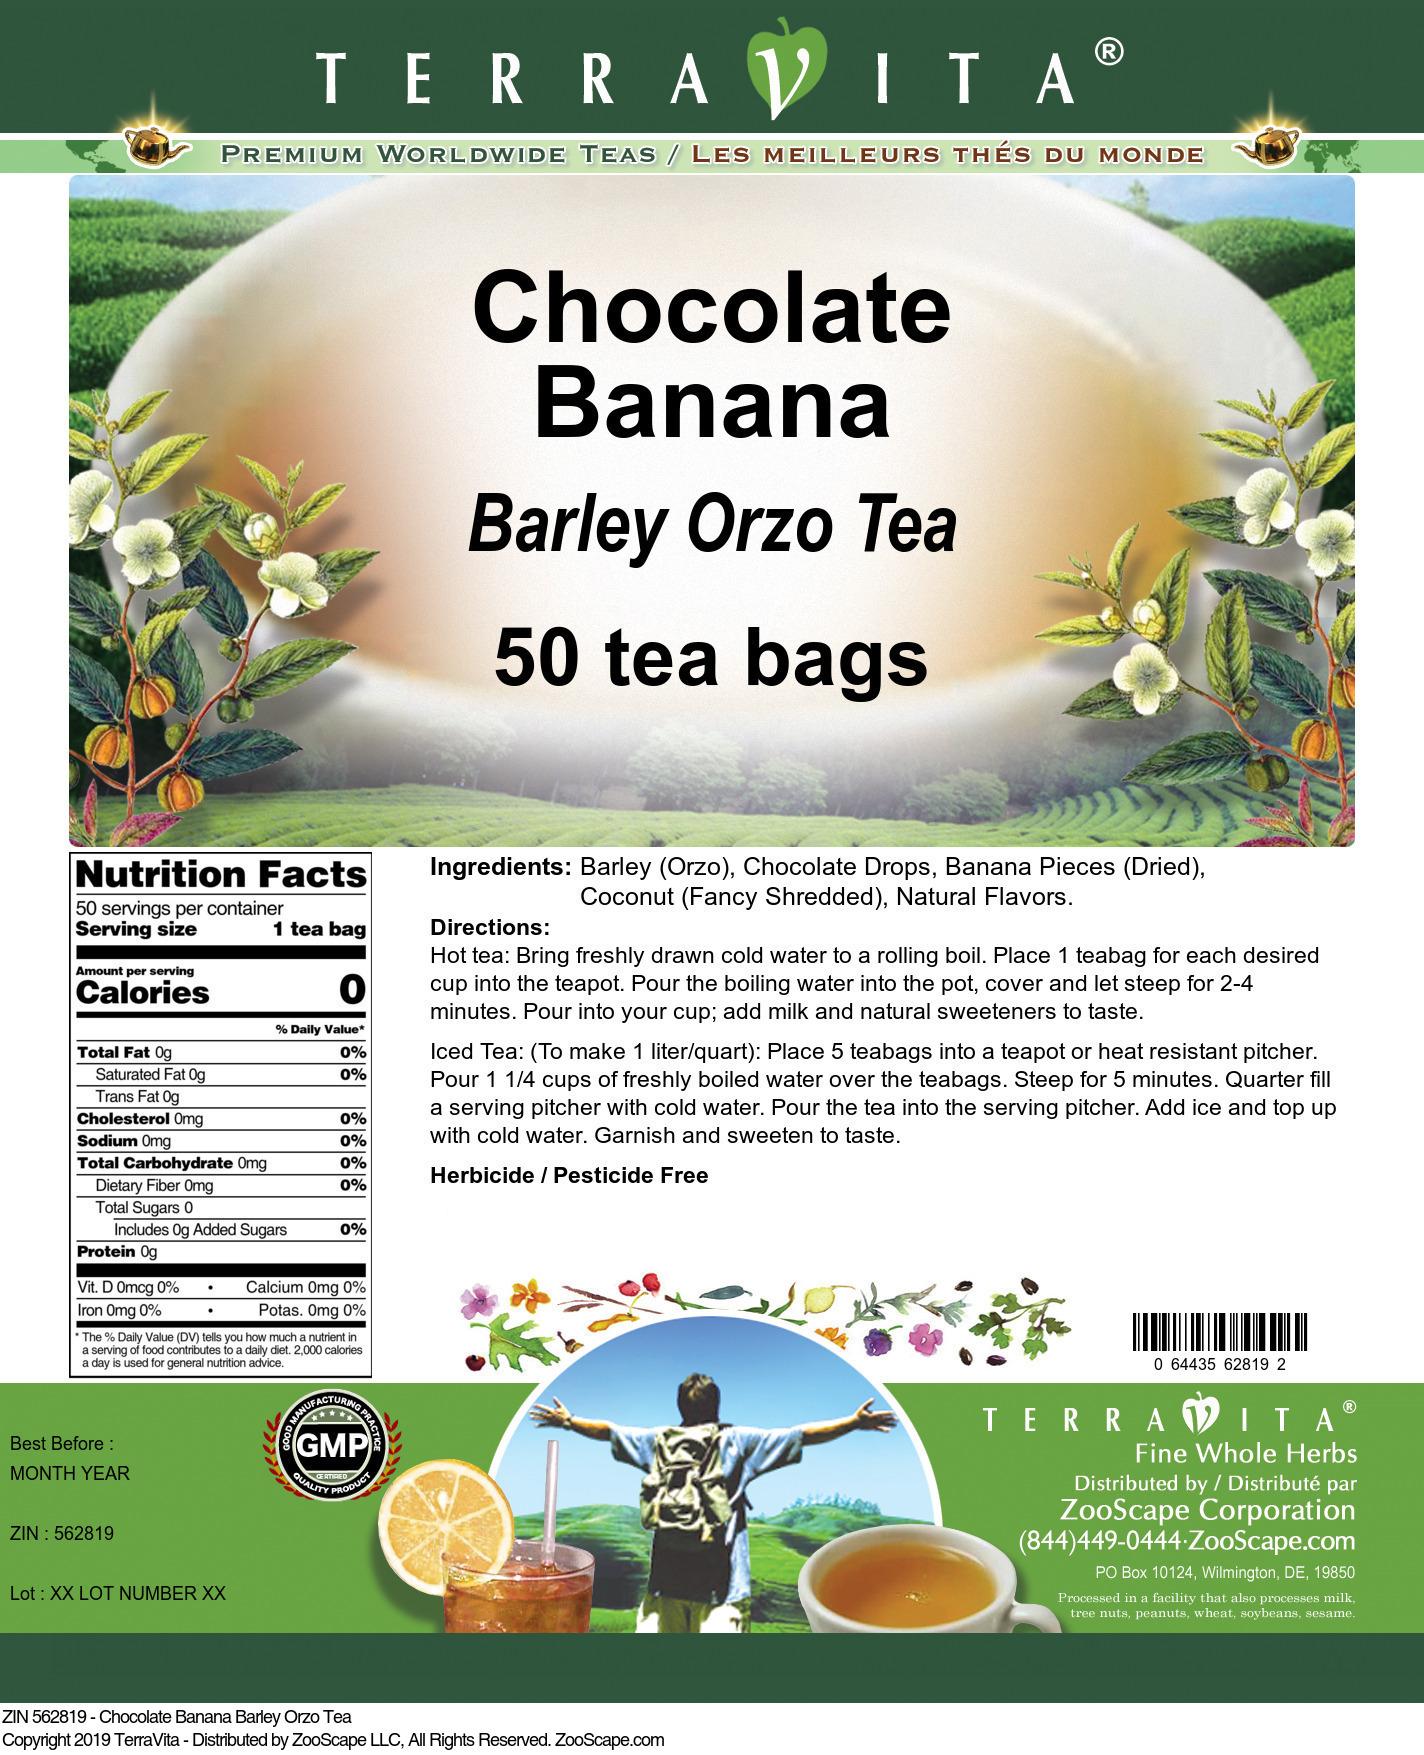 Chocolate Banana Barley Orzo